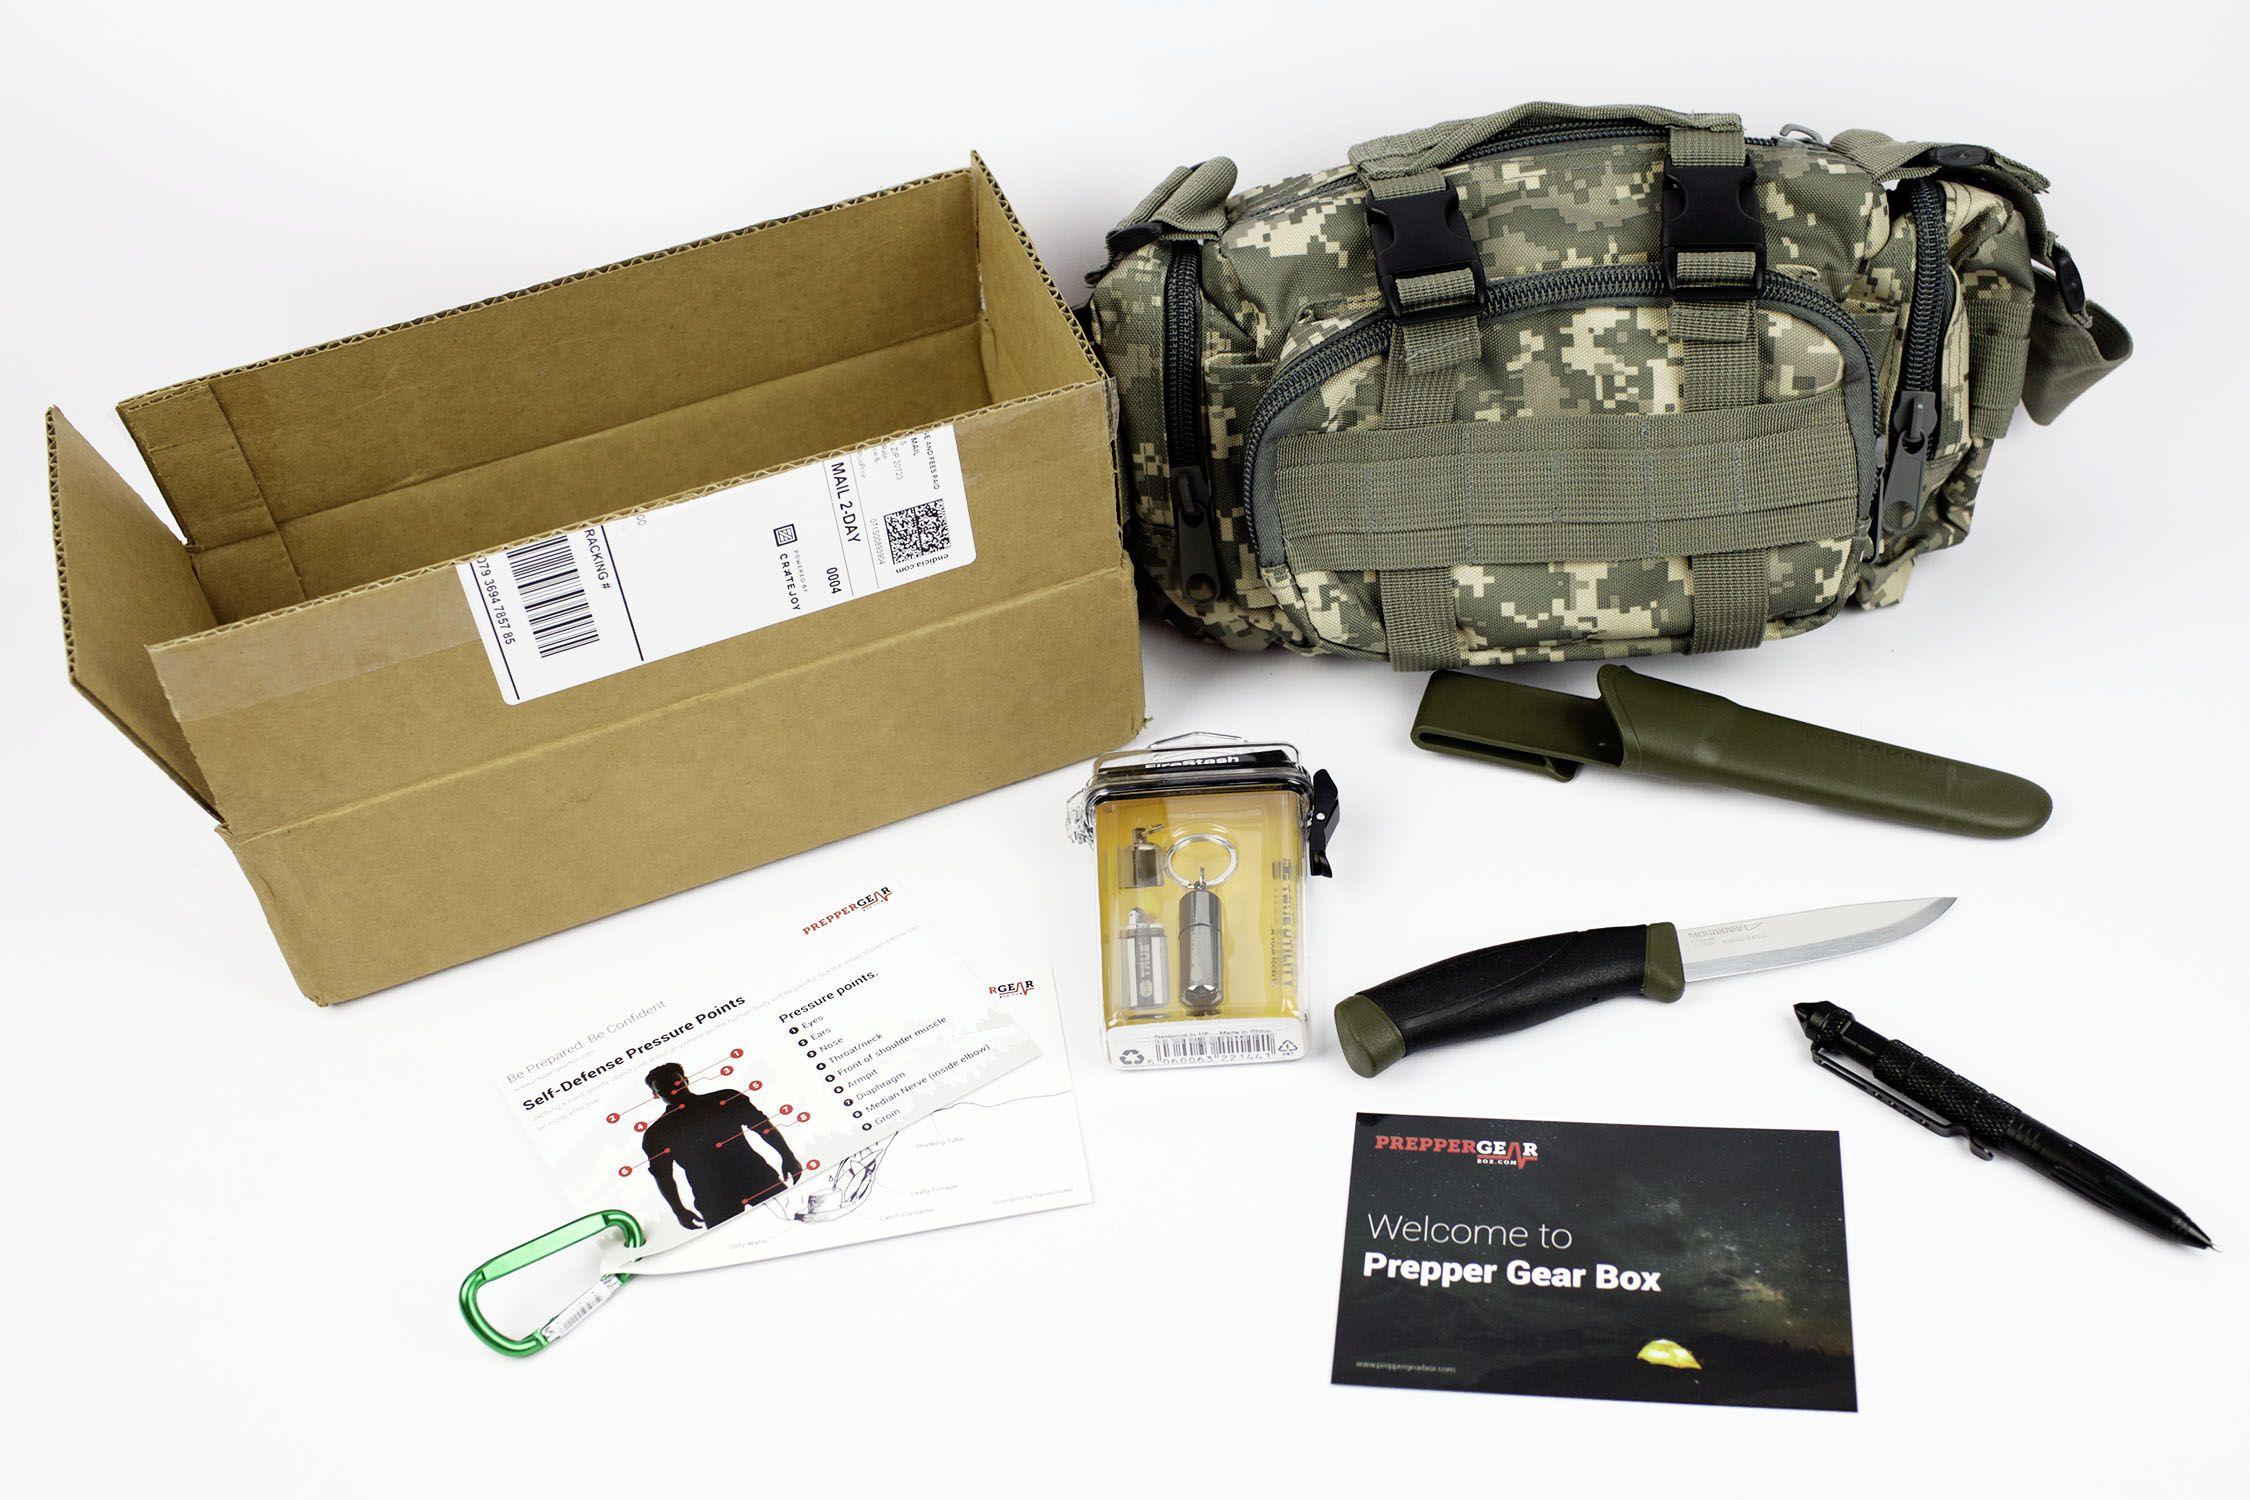 Prepper Gear Box - September 2015